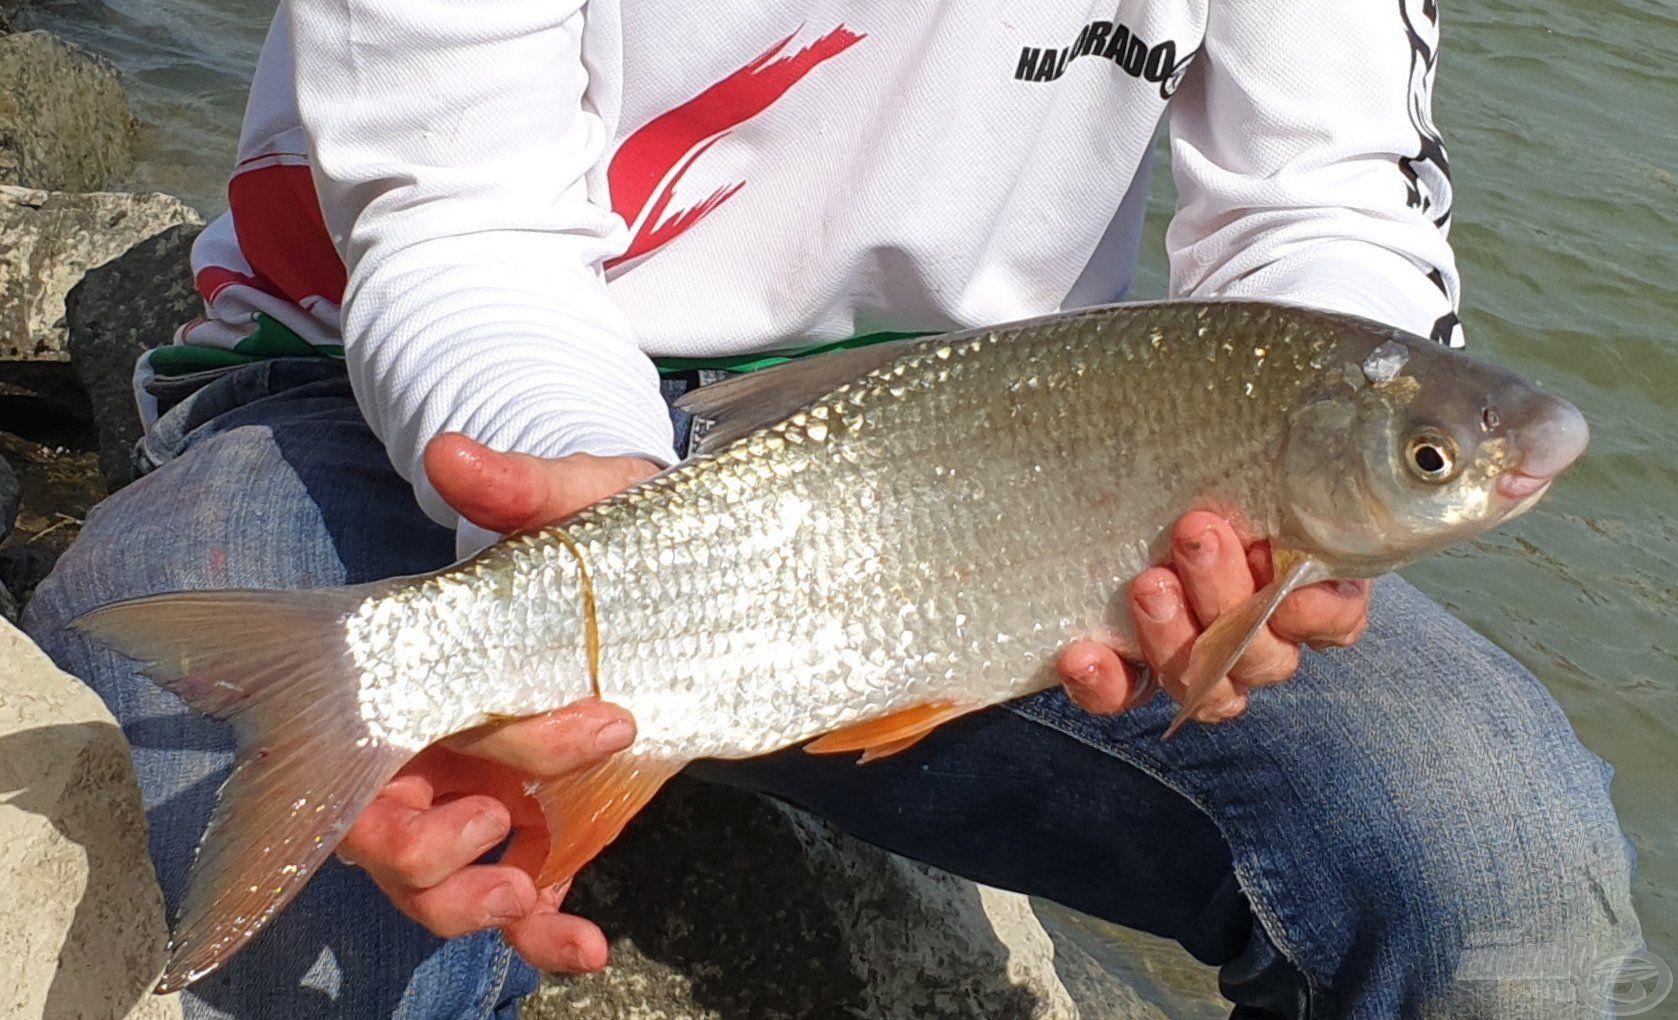 A paduc igazán kecses hal, jellegzetessége a nagy orrcsúcs, illetve a vésett ajak